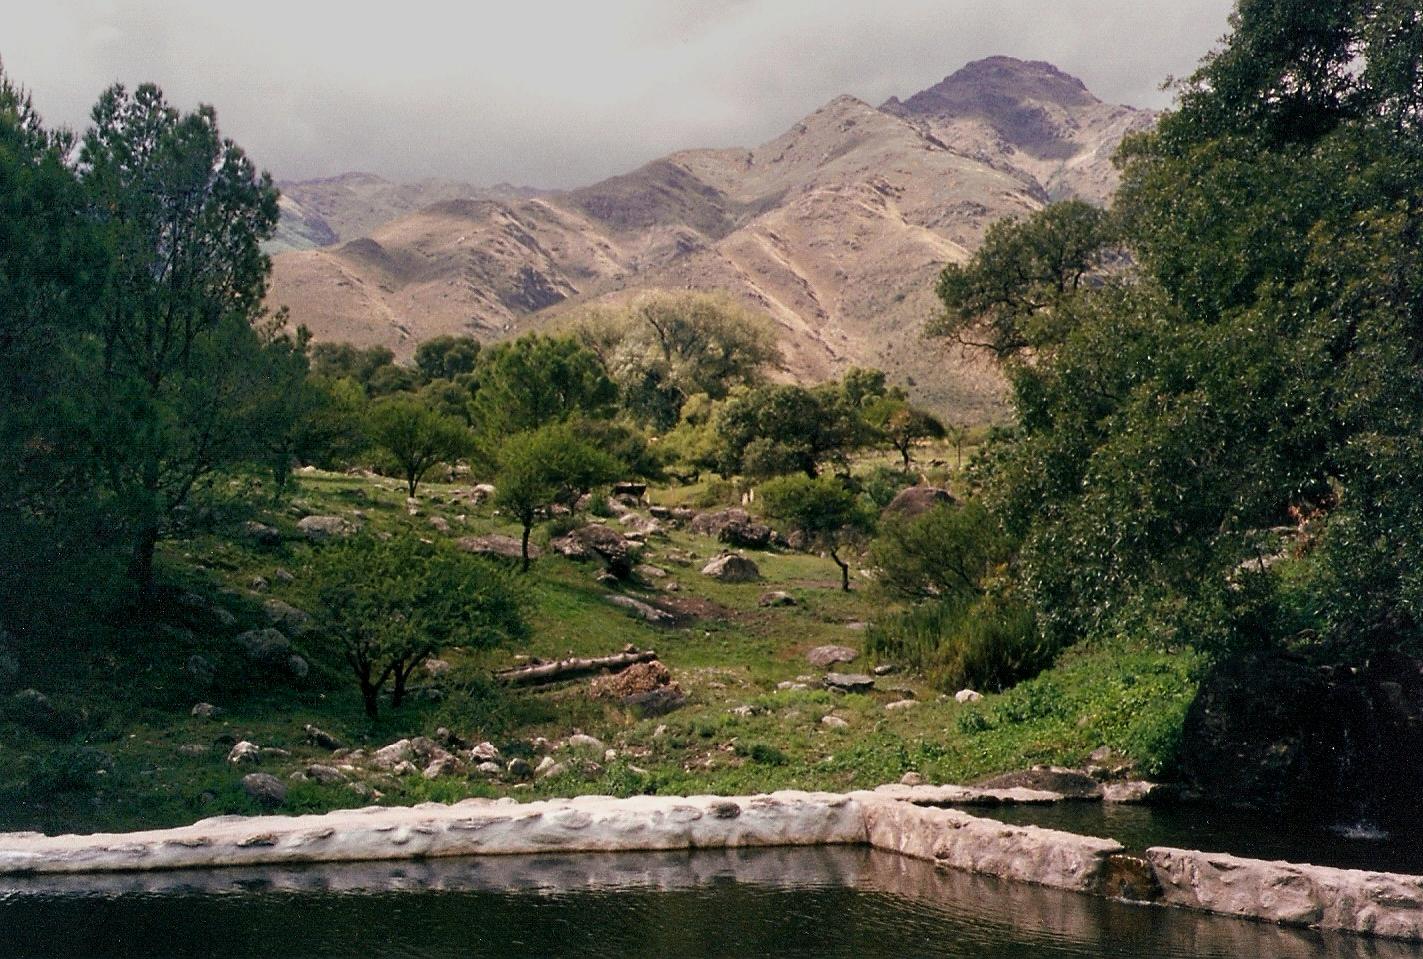 Agua de manantial... ( dedicada a Juan de Dios Vílchez Pérez)